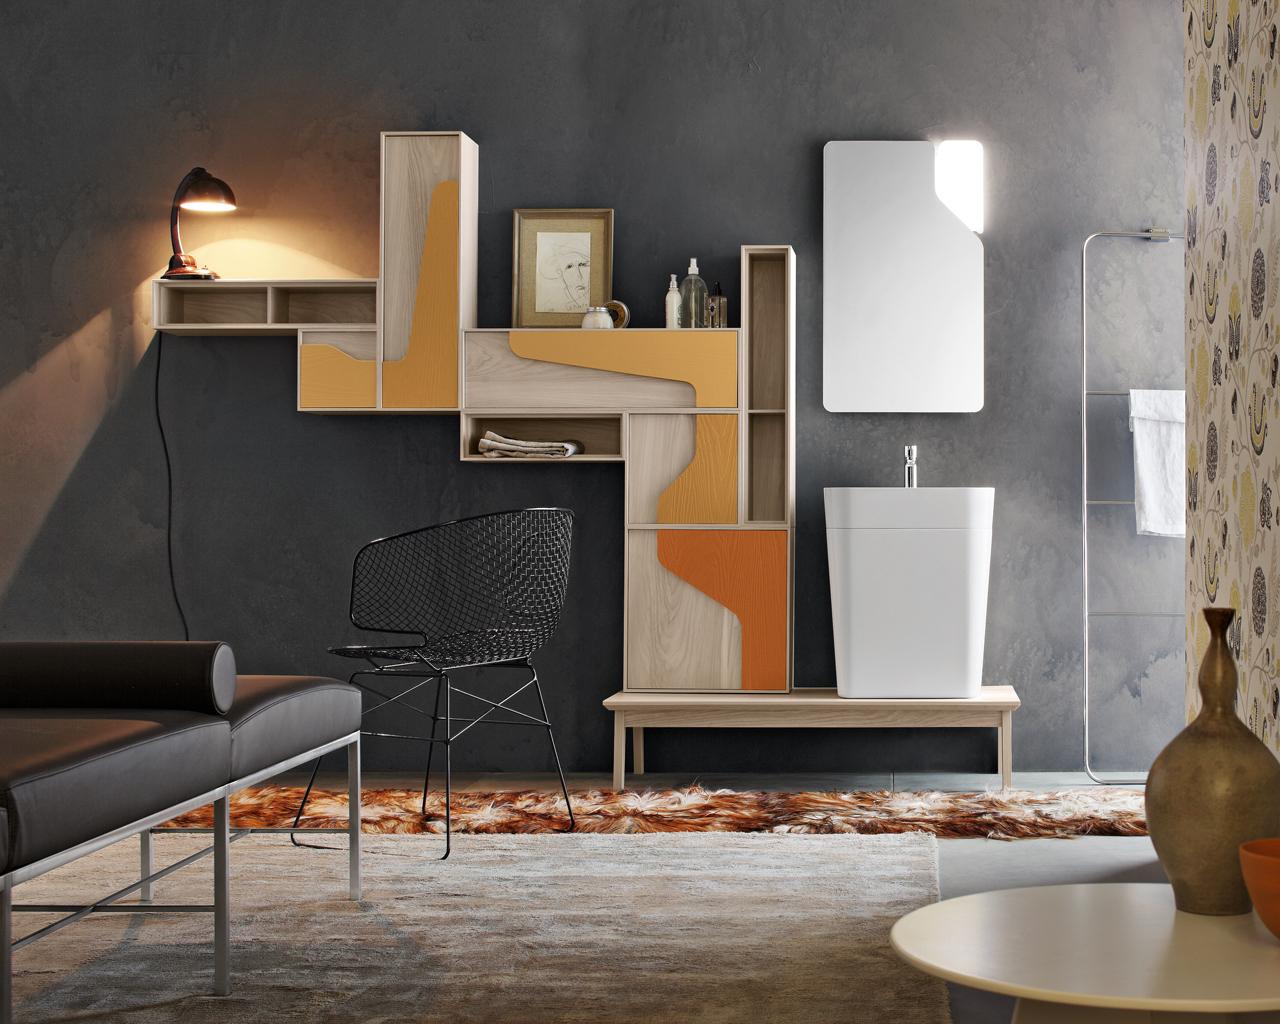 Bagno Stile Naturale : Una stanza da bagno vintage in stile anni 50